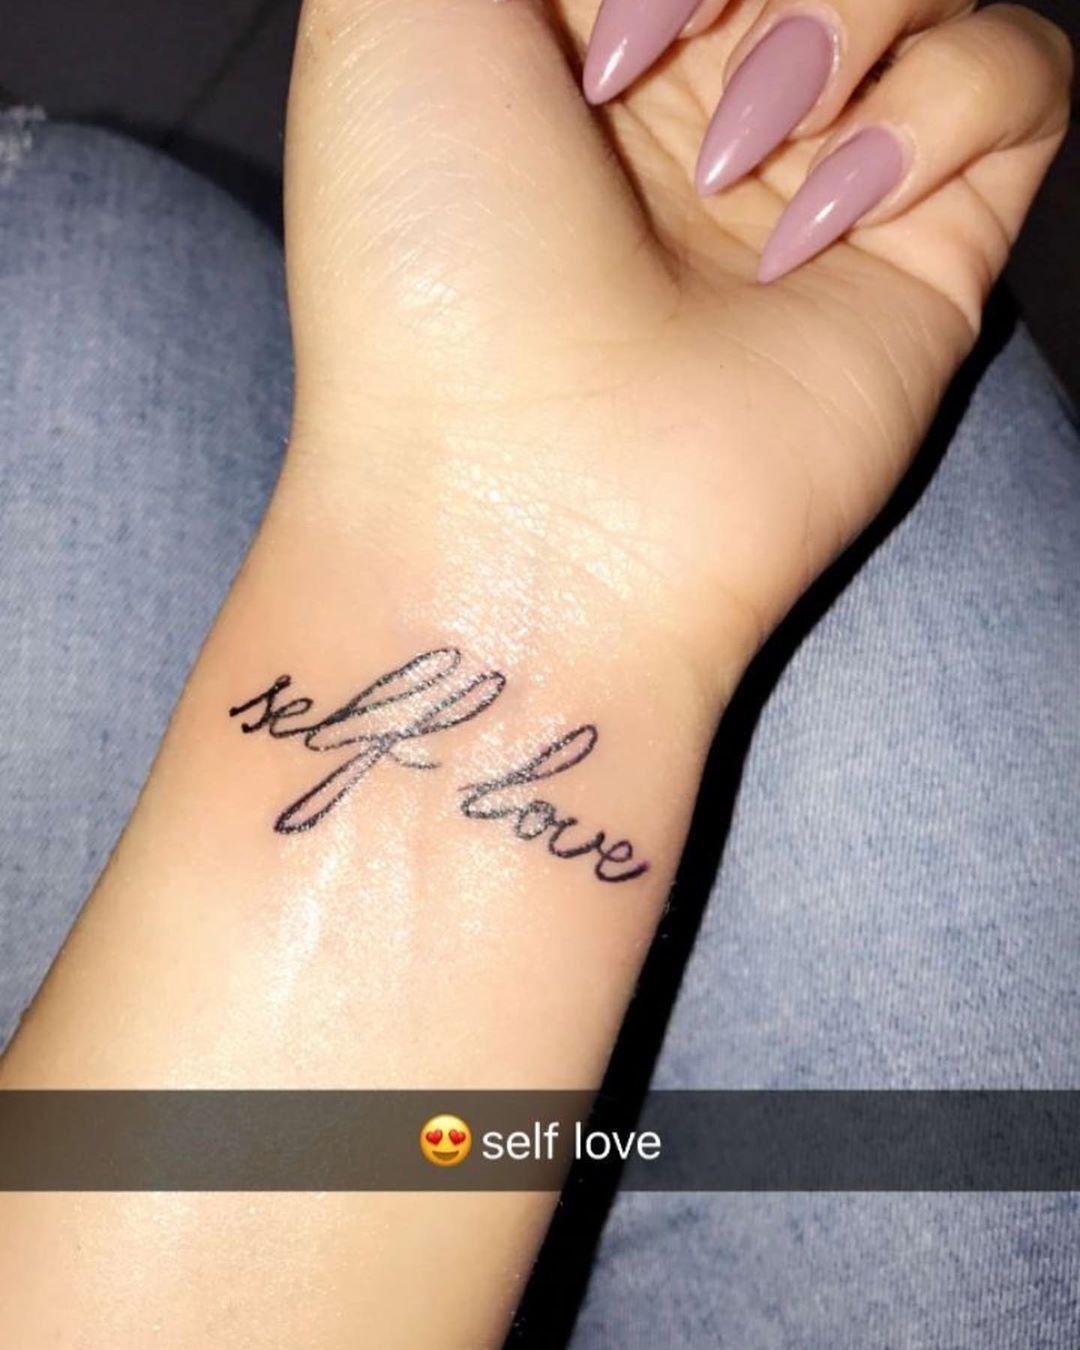 Pin By Erika On T A T O O S P E I R C I N G S Wrist Tattoos Girls Love Wrist Tattoo Self Love Tattoo